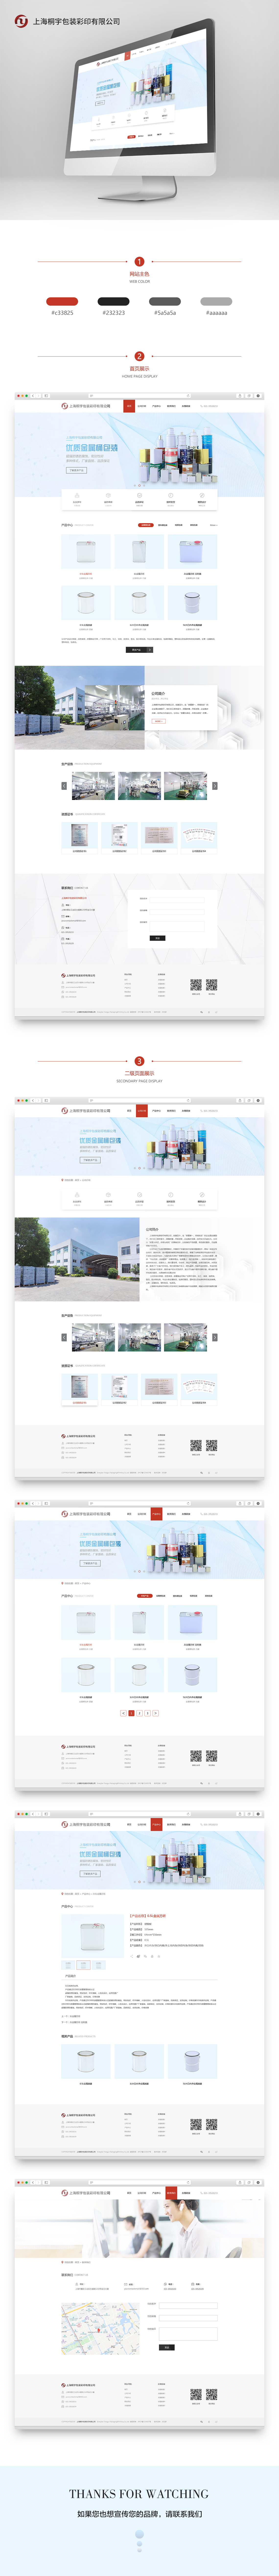 公司案例展示2018-37上海桐宇包裝公司